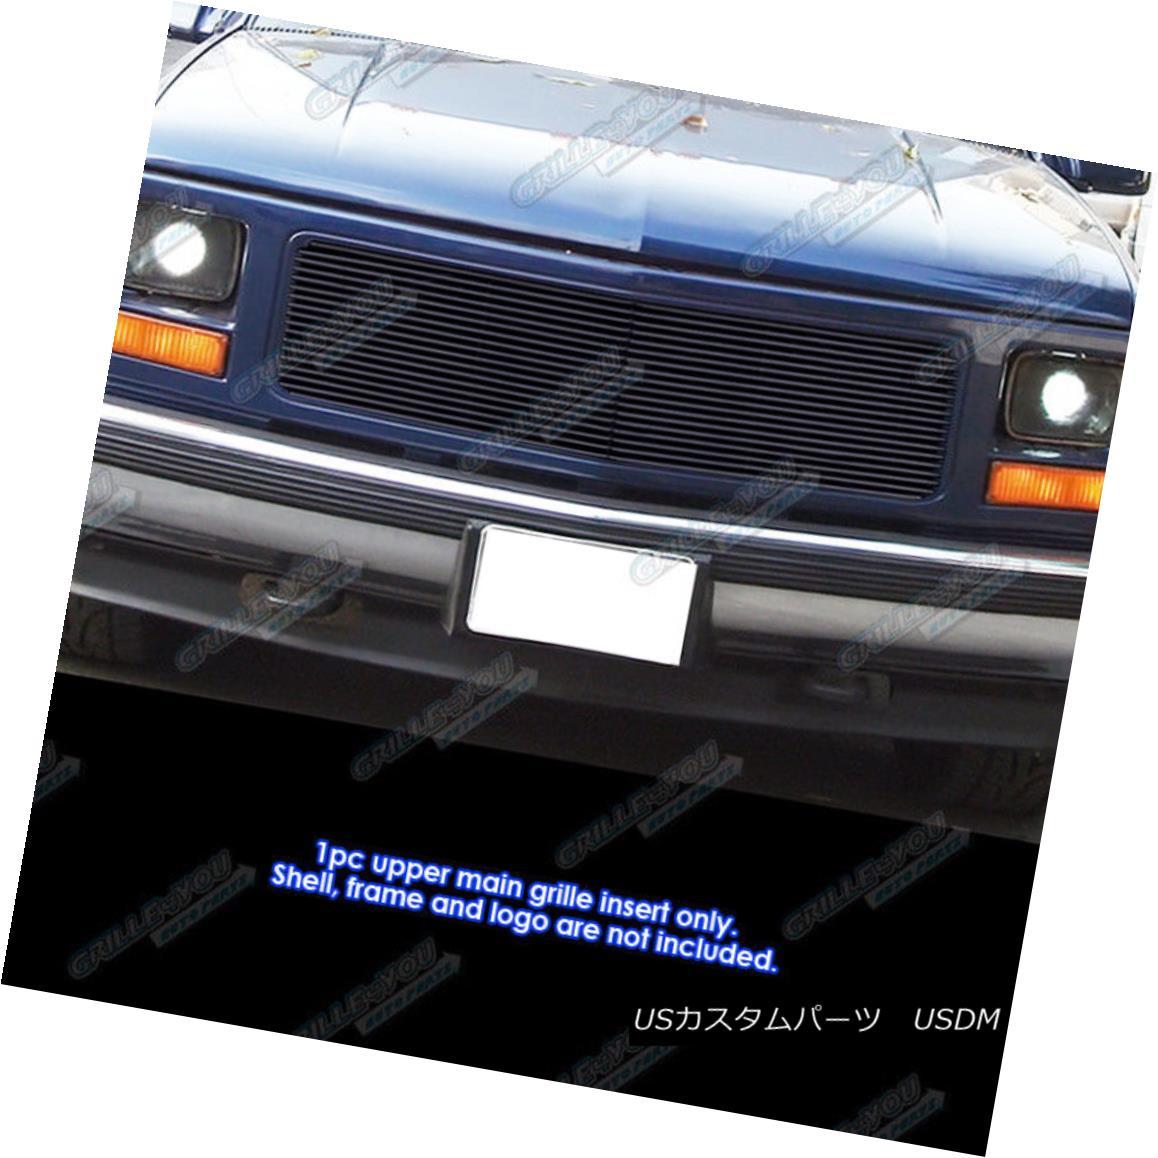 グリル Fits 1994-1998 GMC C/K Pickup/94-99 Suburban Single Lights Black Billet Grille 1994?1998 GMC C / Kピックアップ/ 94-99郊外シングルライトブラックビレットグリル